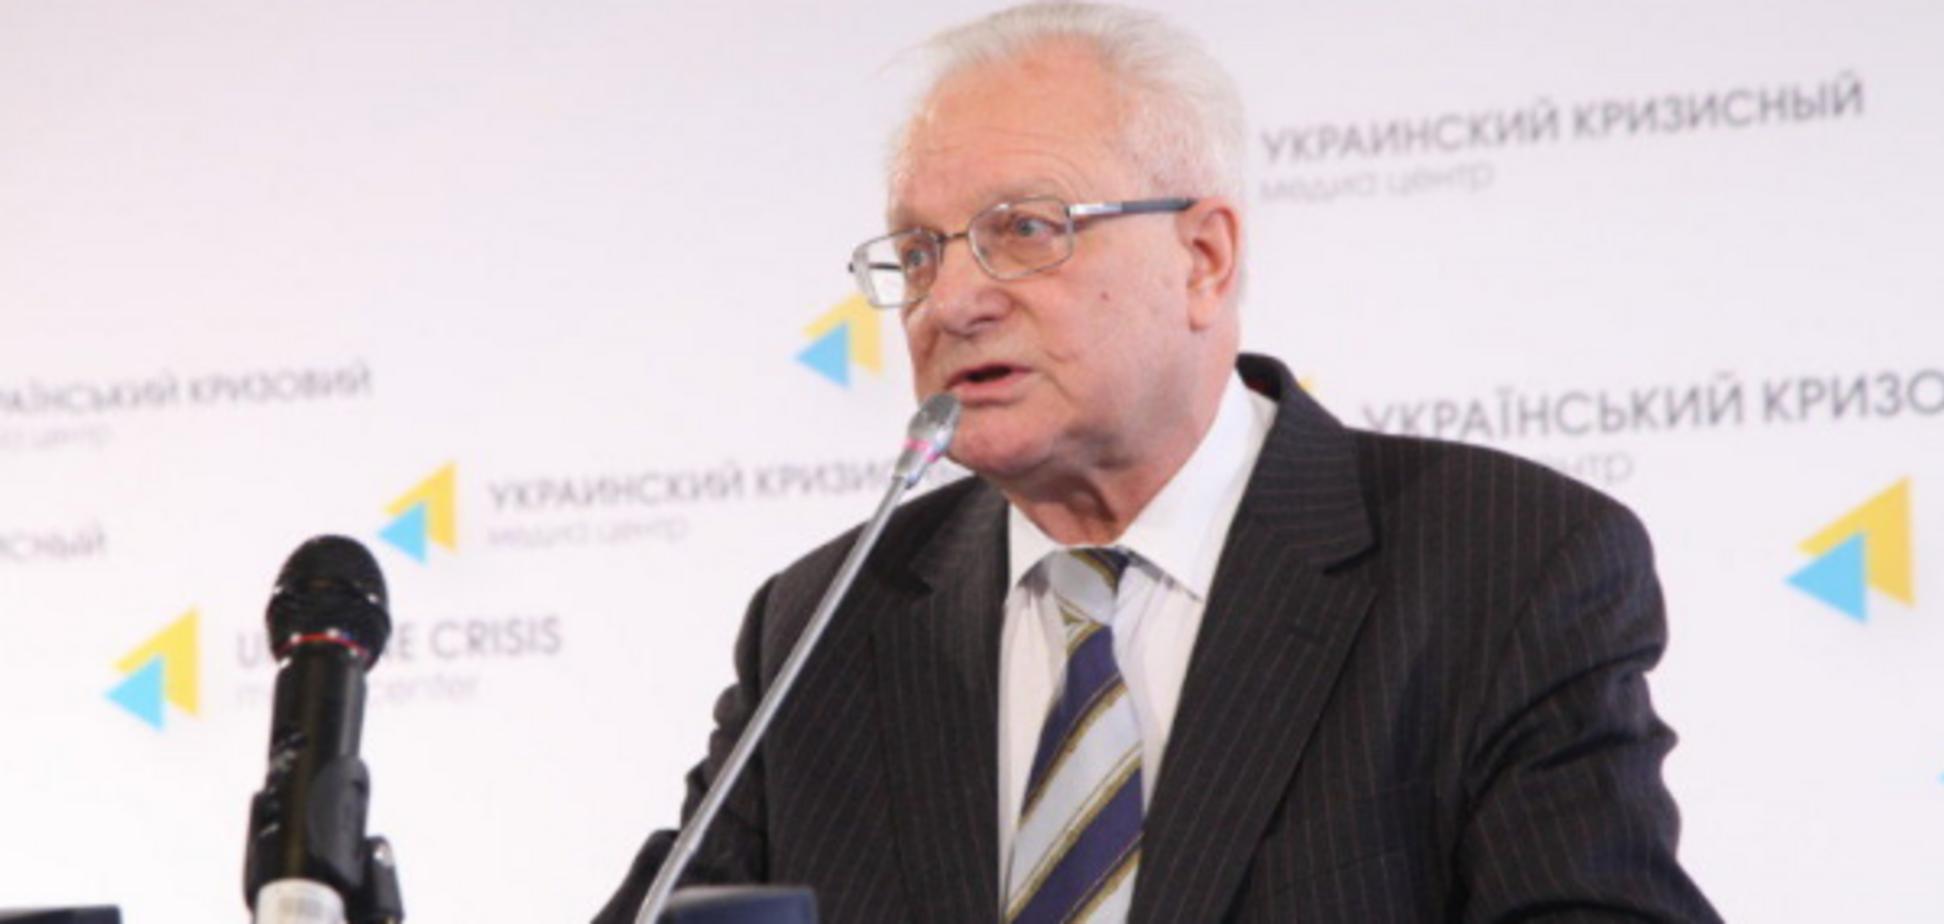 ''Миссия Украины — уничтожить РФ'': украинский дипломат разозлил россиян громким заявлением